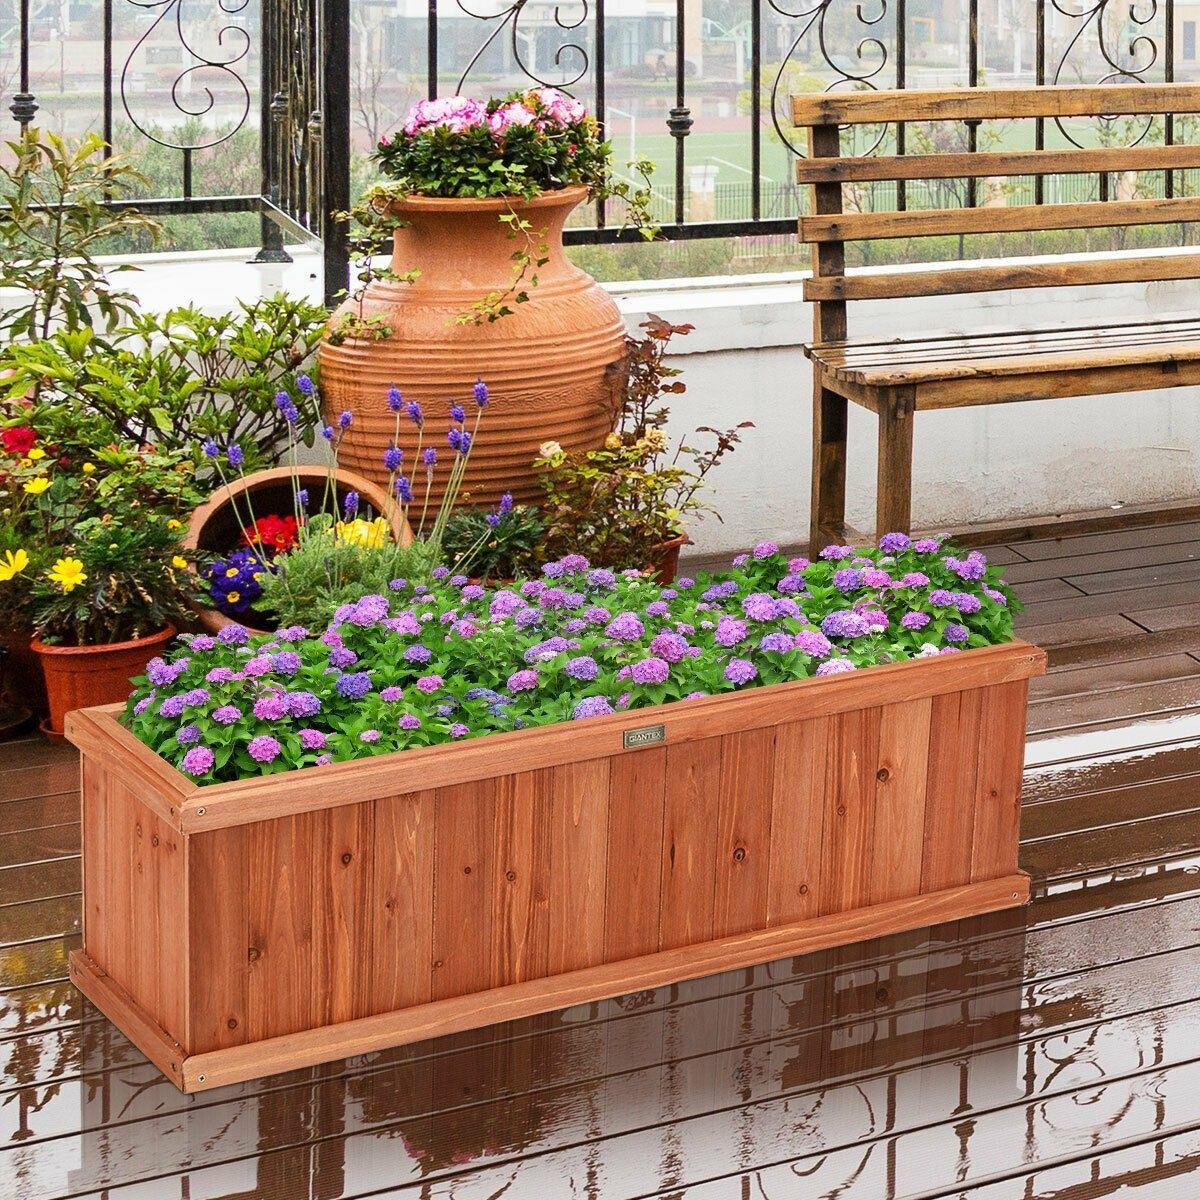 40 Inch Wooden Flower Planter Box Garden Yard Decorative